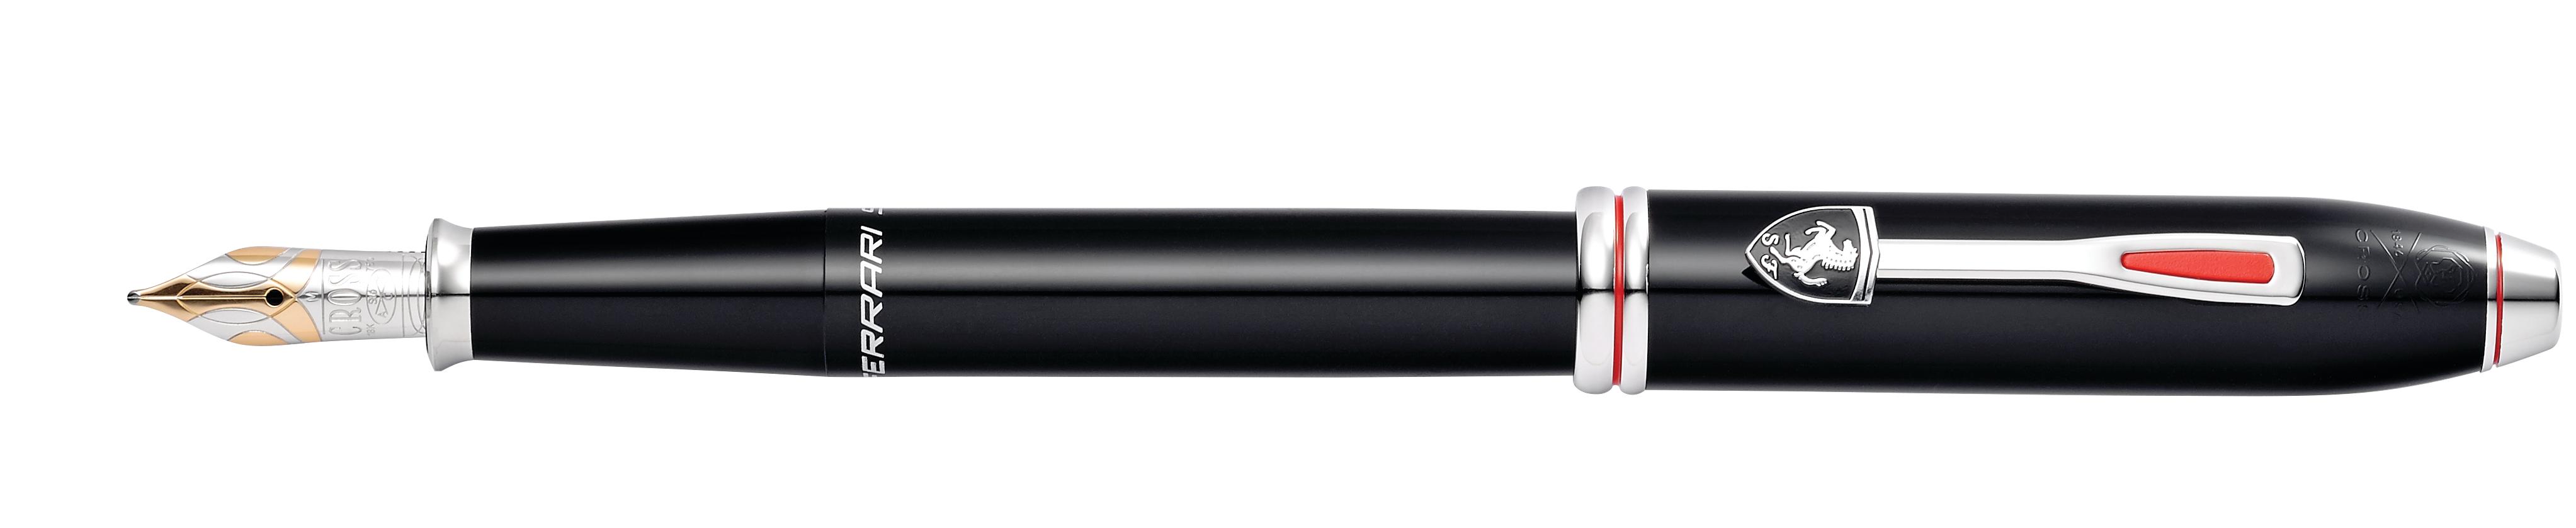 Cross Townsend Collection for Scuderia Ferrari Glossy Black Lacquer Fountain Pen